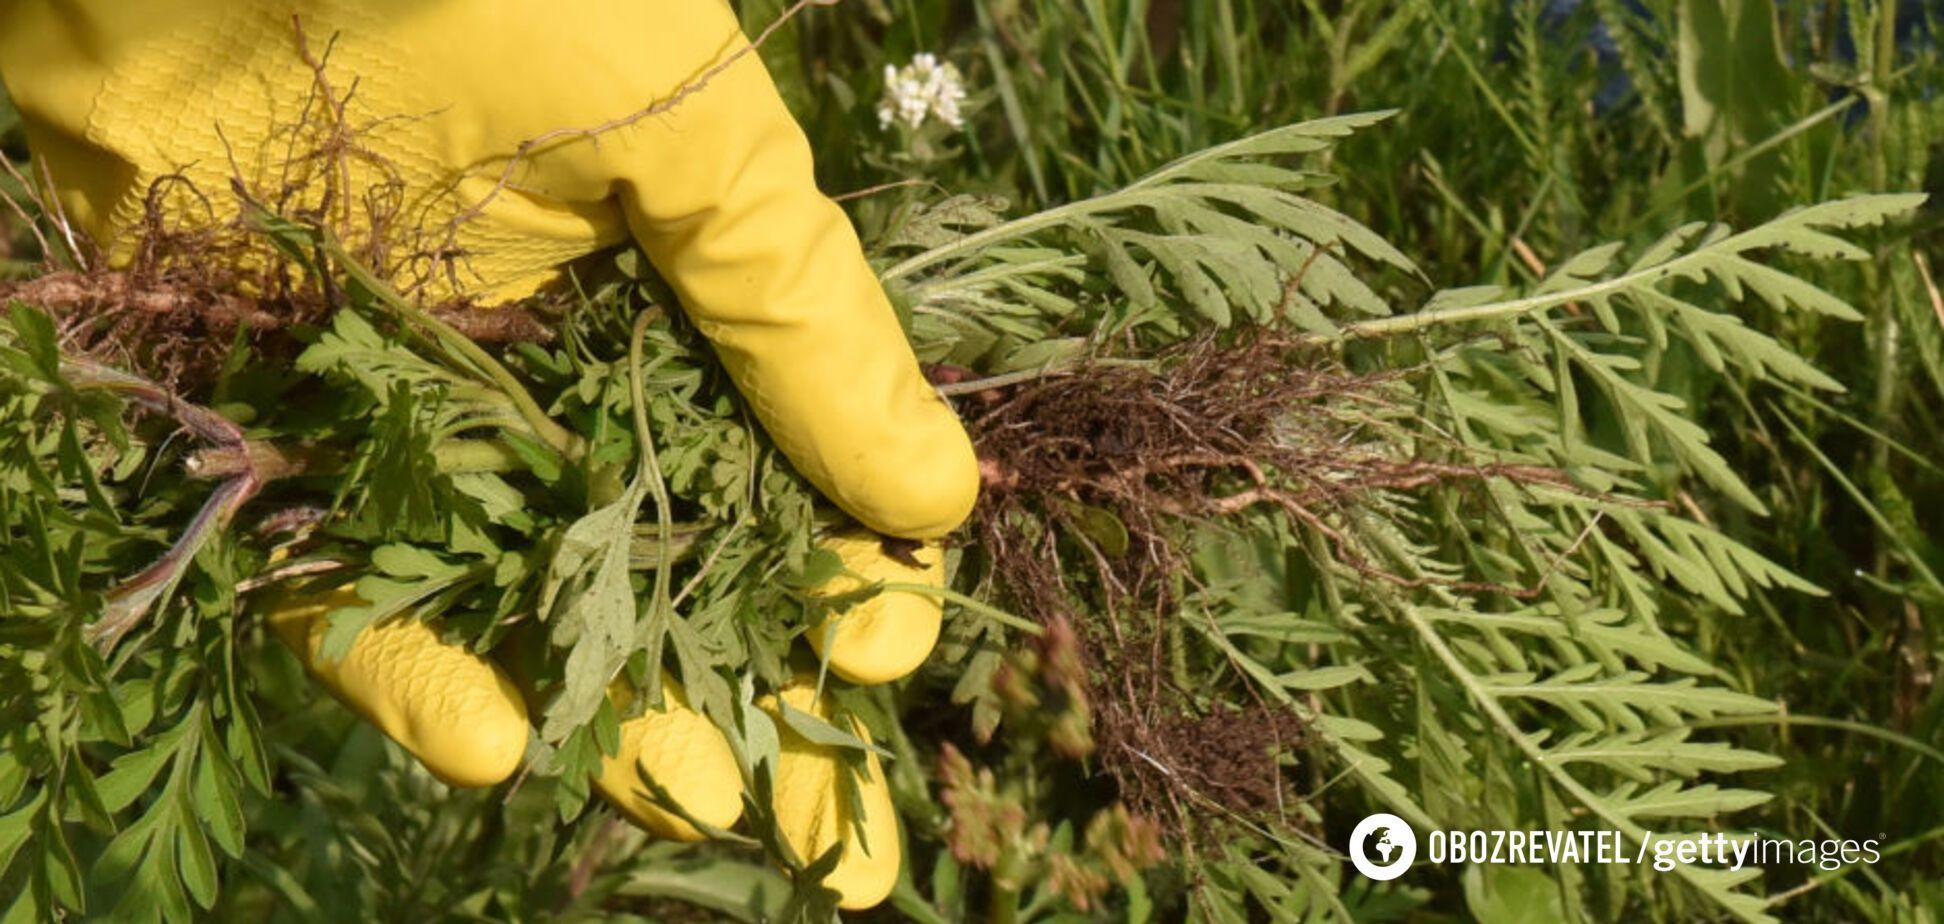 Амброзия выйдет на пик цветения в Украине через 10 дней: как бороться с аллергеном